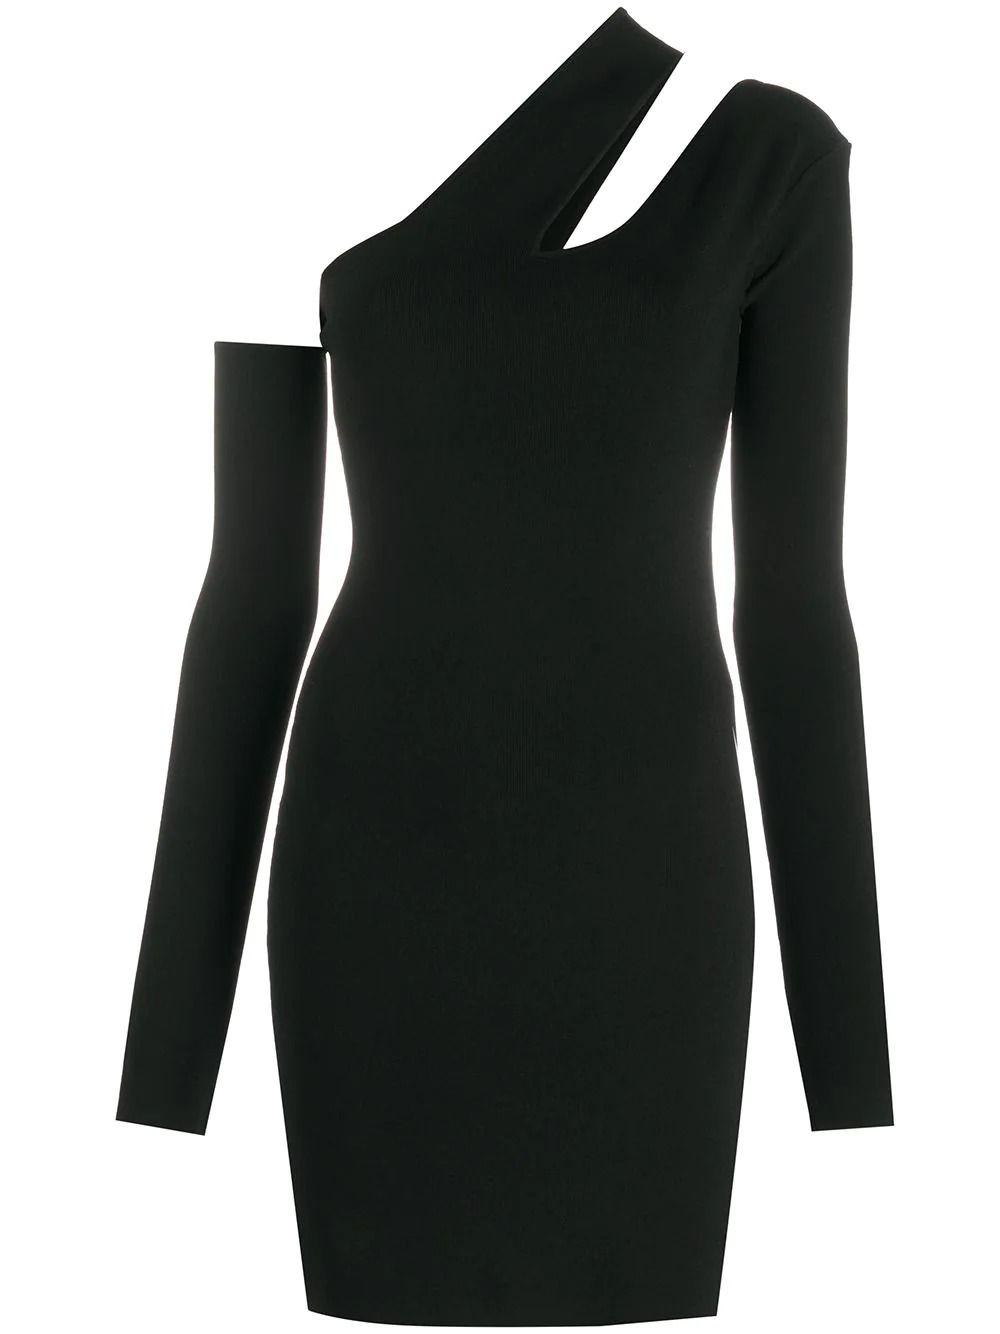 Nanushka NANUSHKA WOMEN'S BLACK VISCOSE DRESS